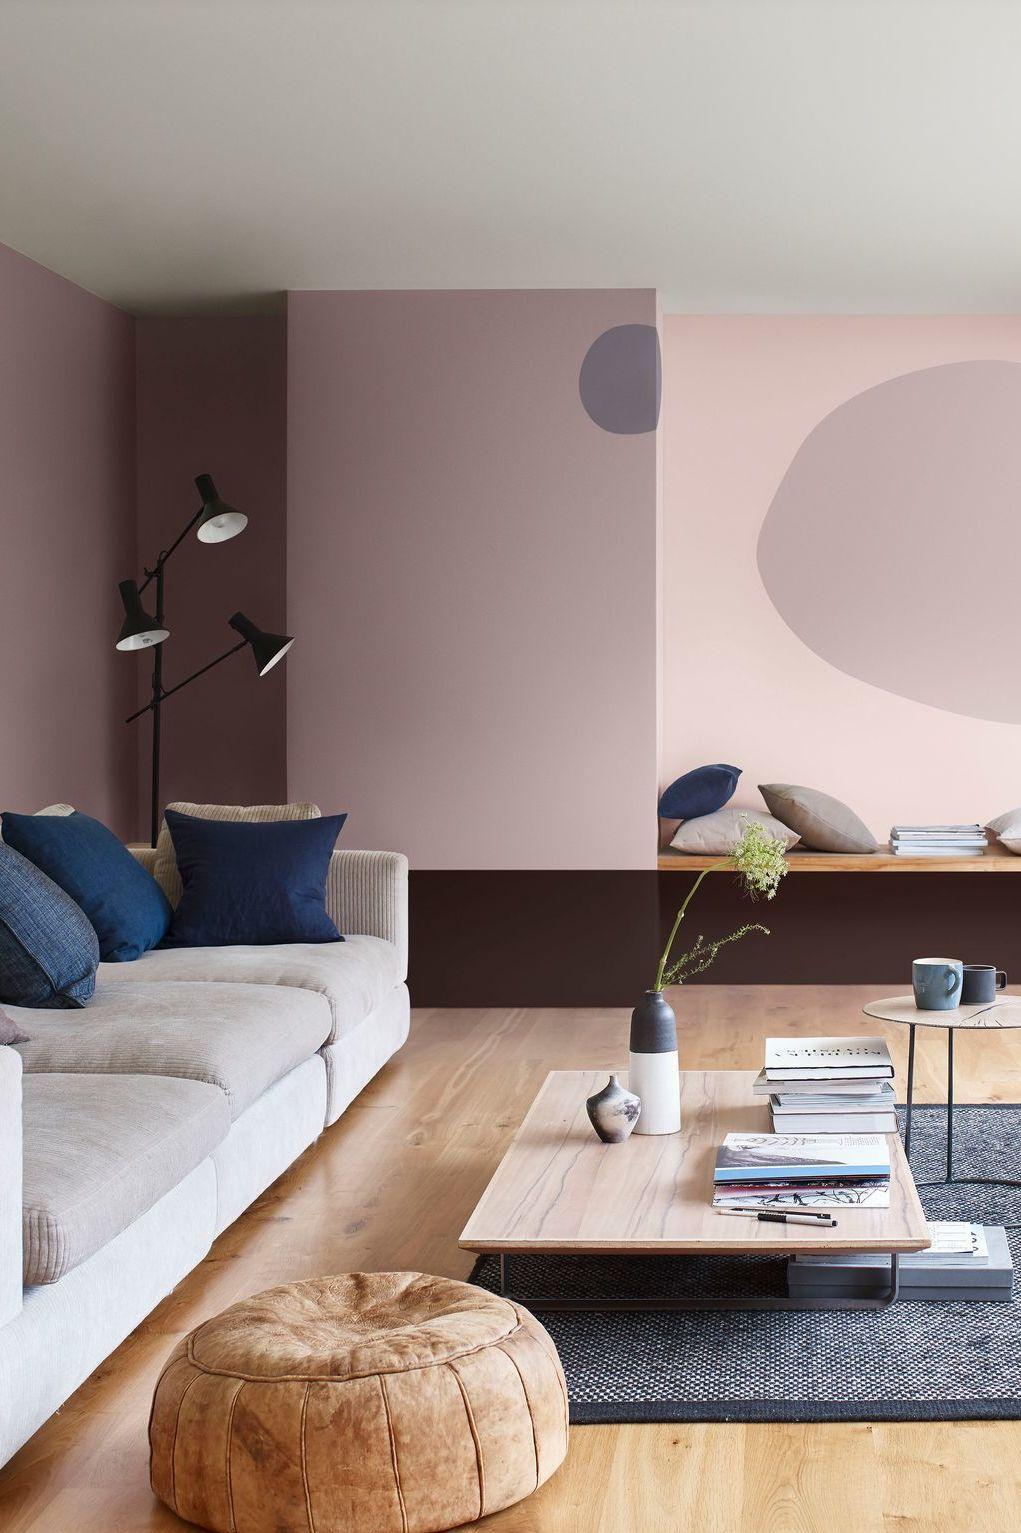 Peinture salon 43 couleurs tendance pour repeindre le salon idea peinture salon couleur - Tendance peinture salon ...